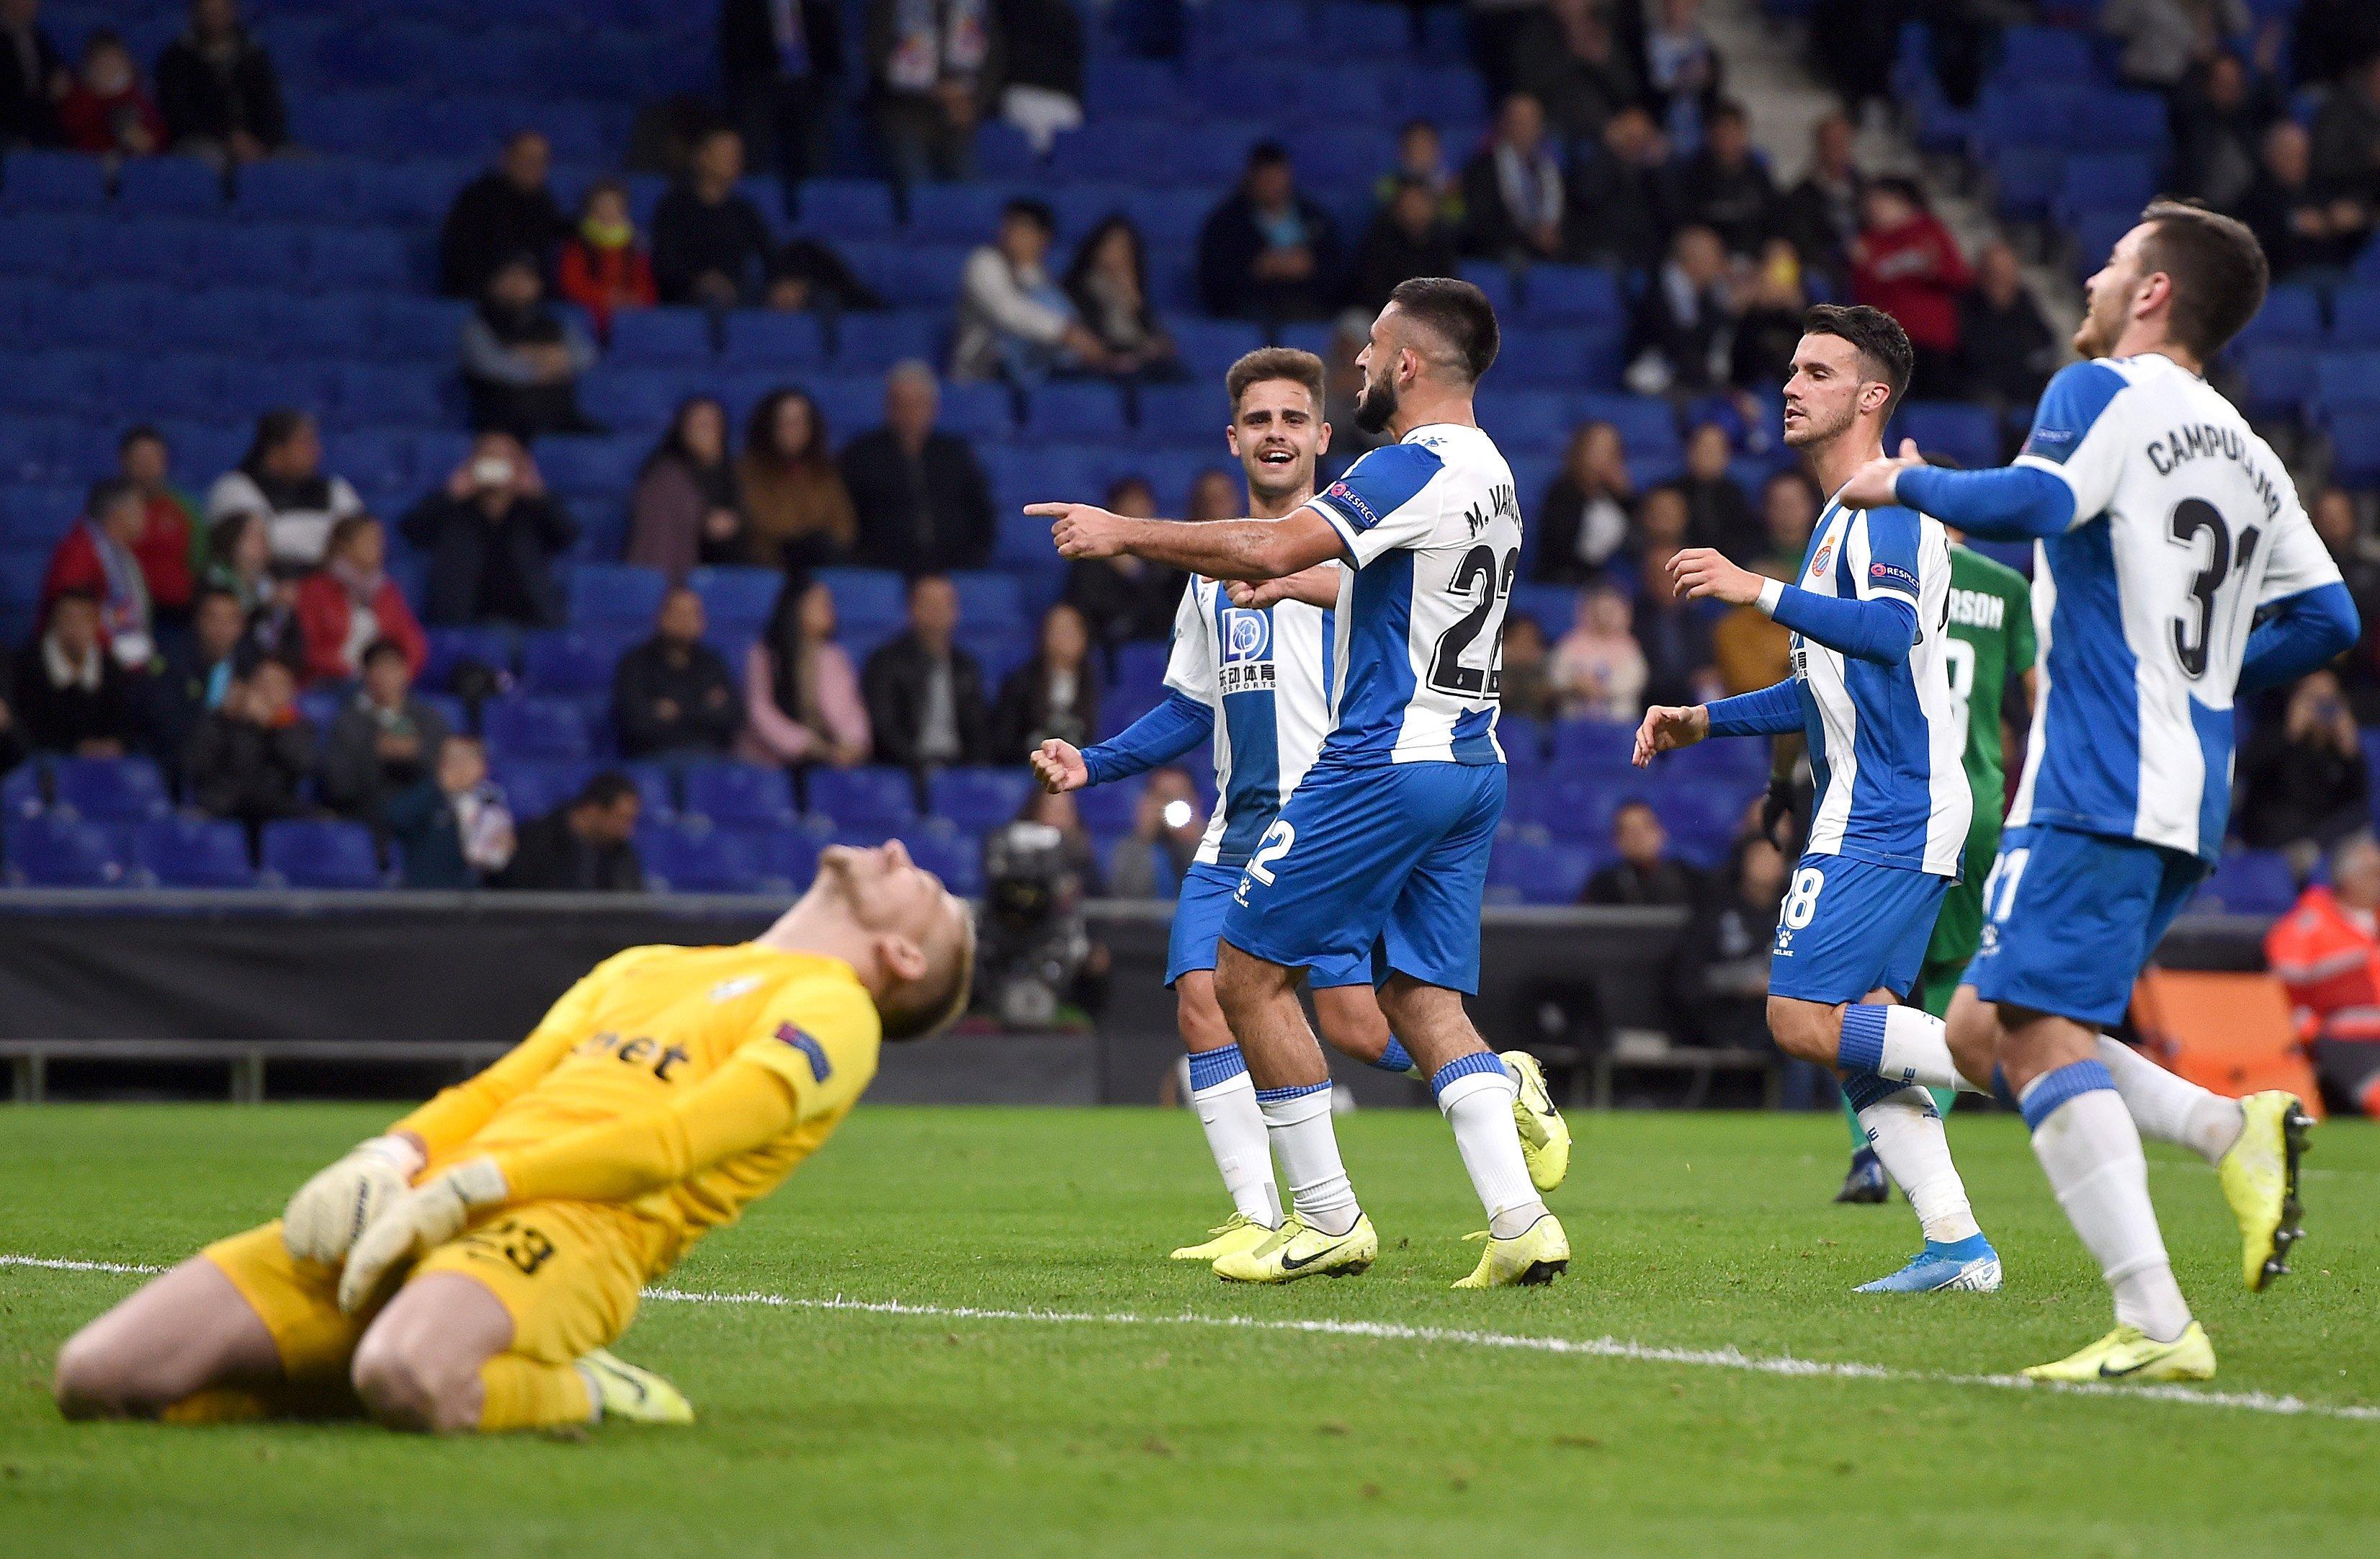 Лига Европы. Яремчук и Гент обыграли Вольфсбург, ничья Реброва, шесть голов от Эспаньола - изображение 2